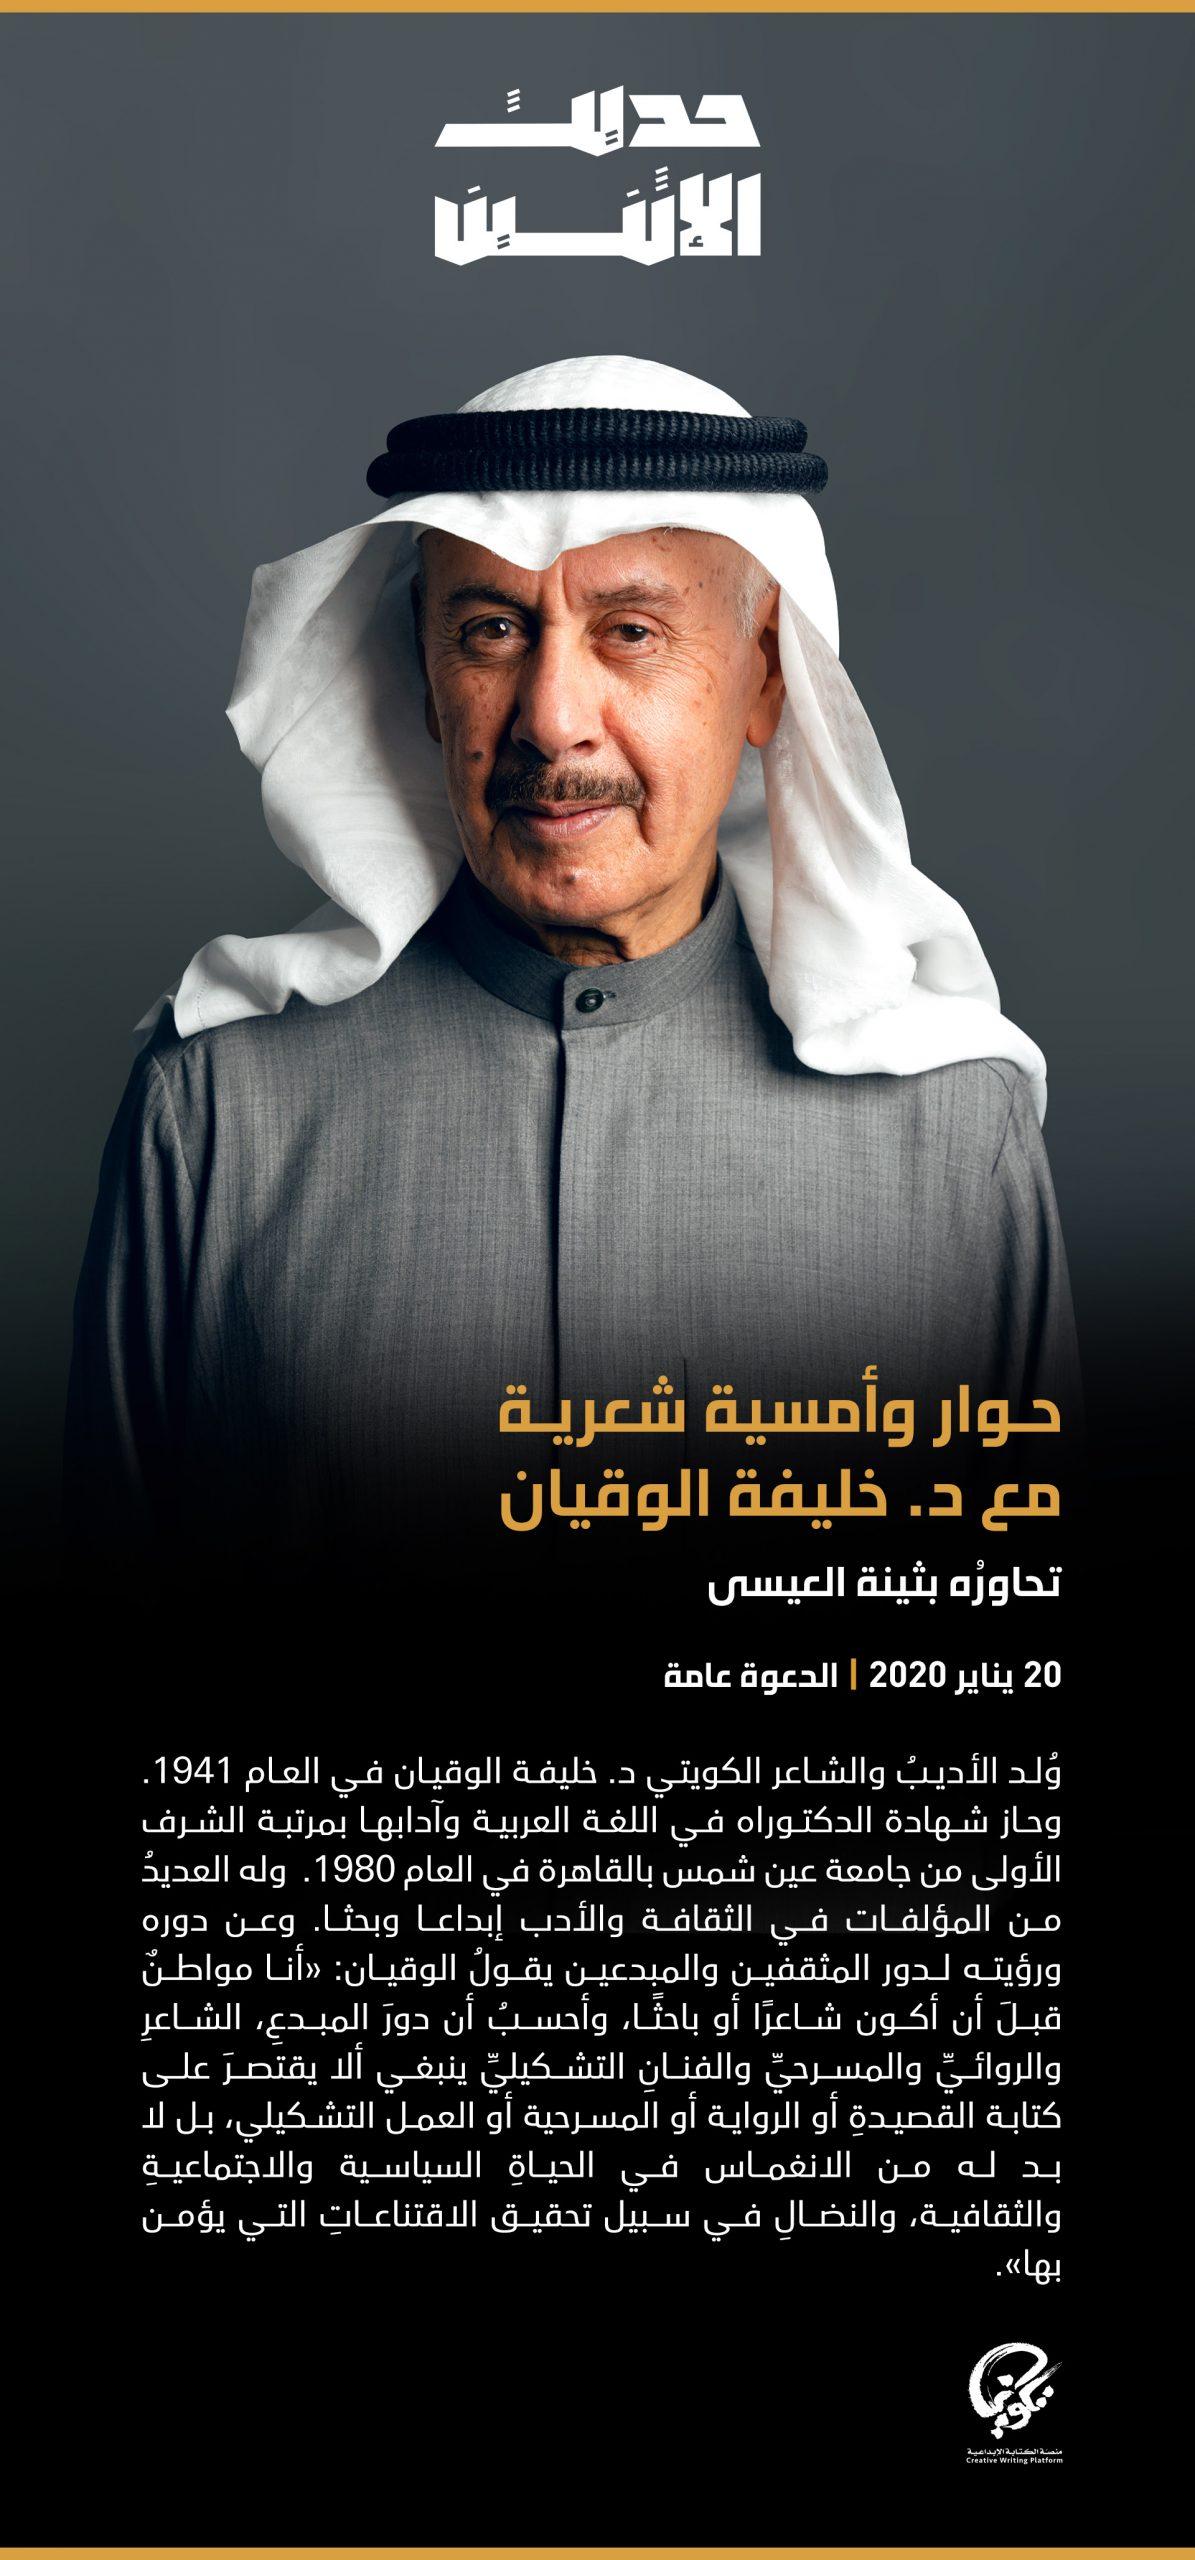 حوار وأُمسية شعرية مع د. خليفة الوقيان